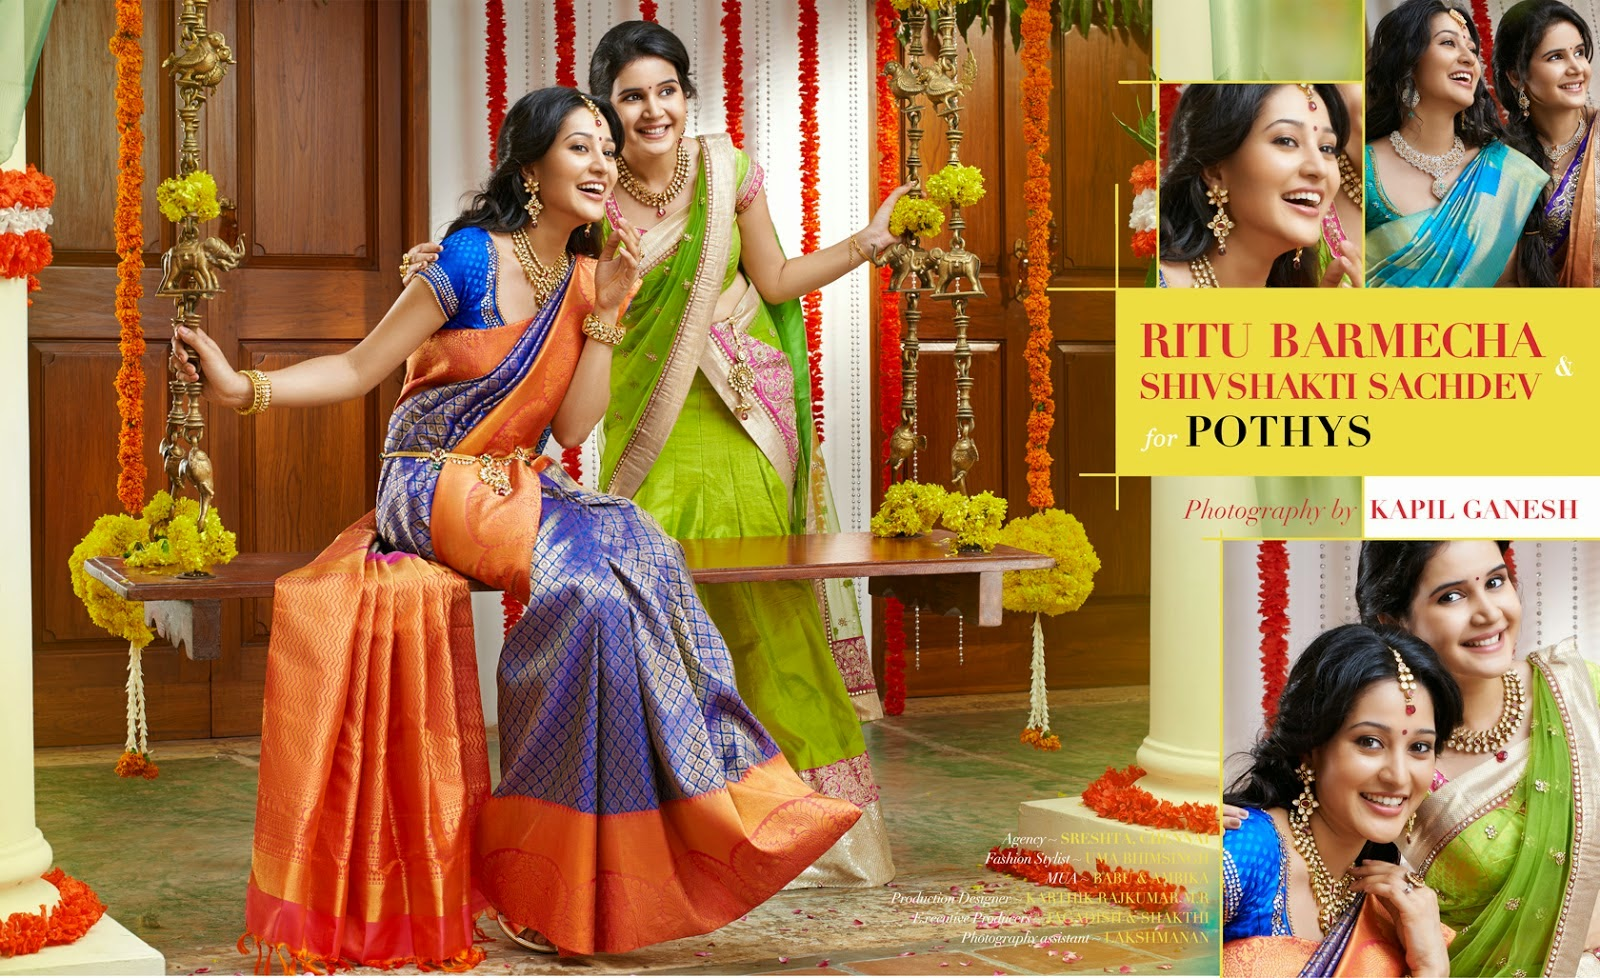 , Ritu Barmecha & Shivshakti Sachdev for POTHYS